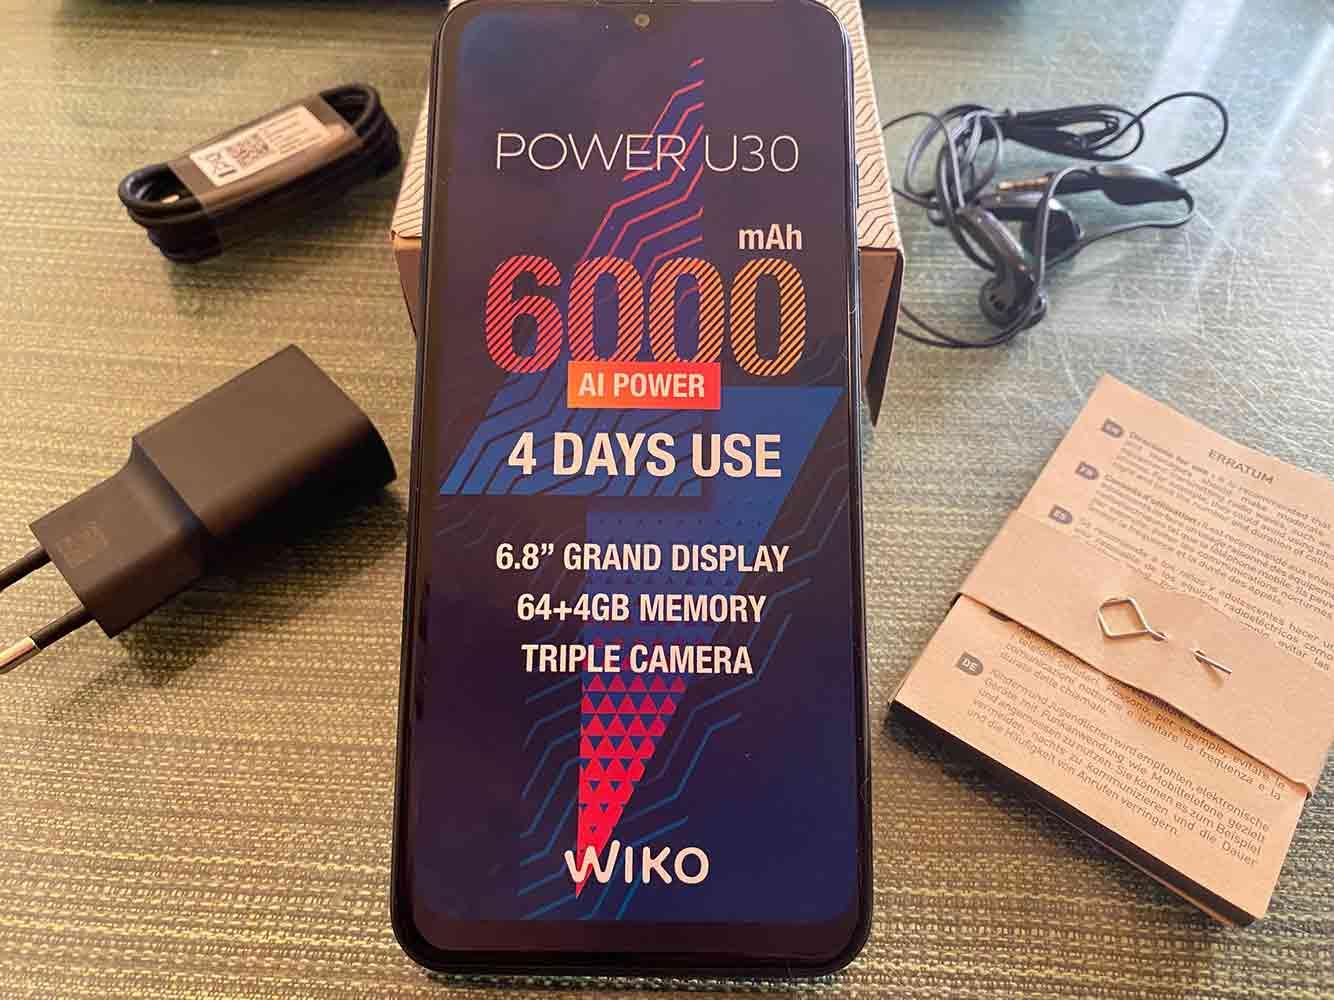 Análisis Wiko Power U30: autonomía y pantalla por bandera